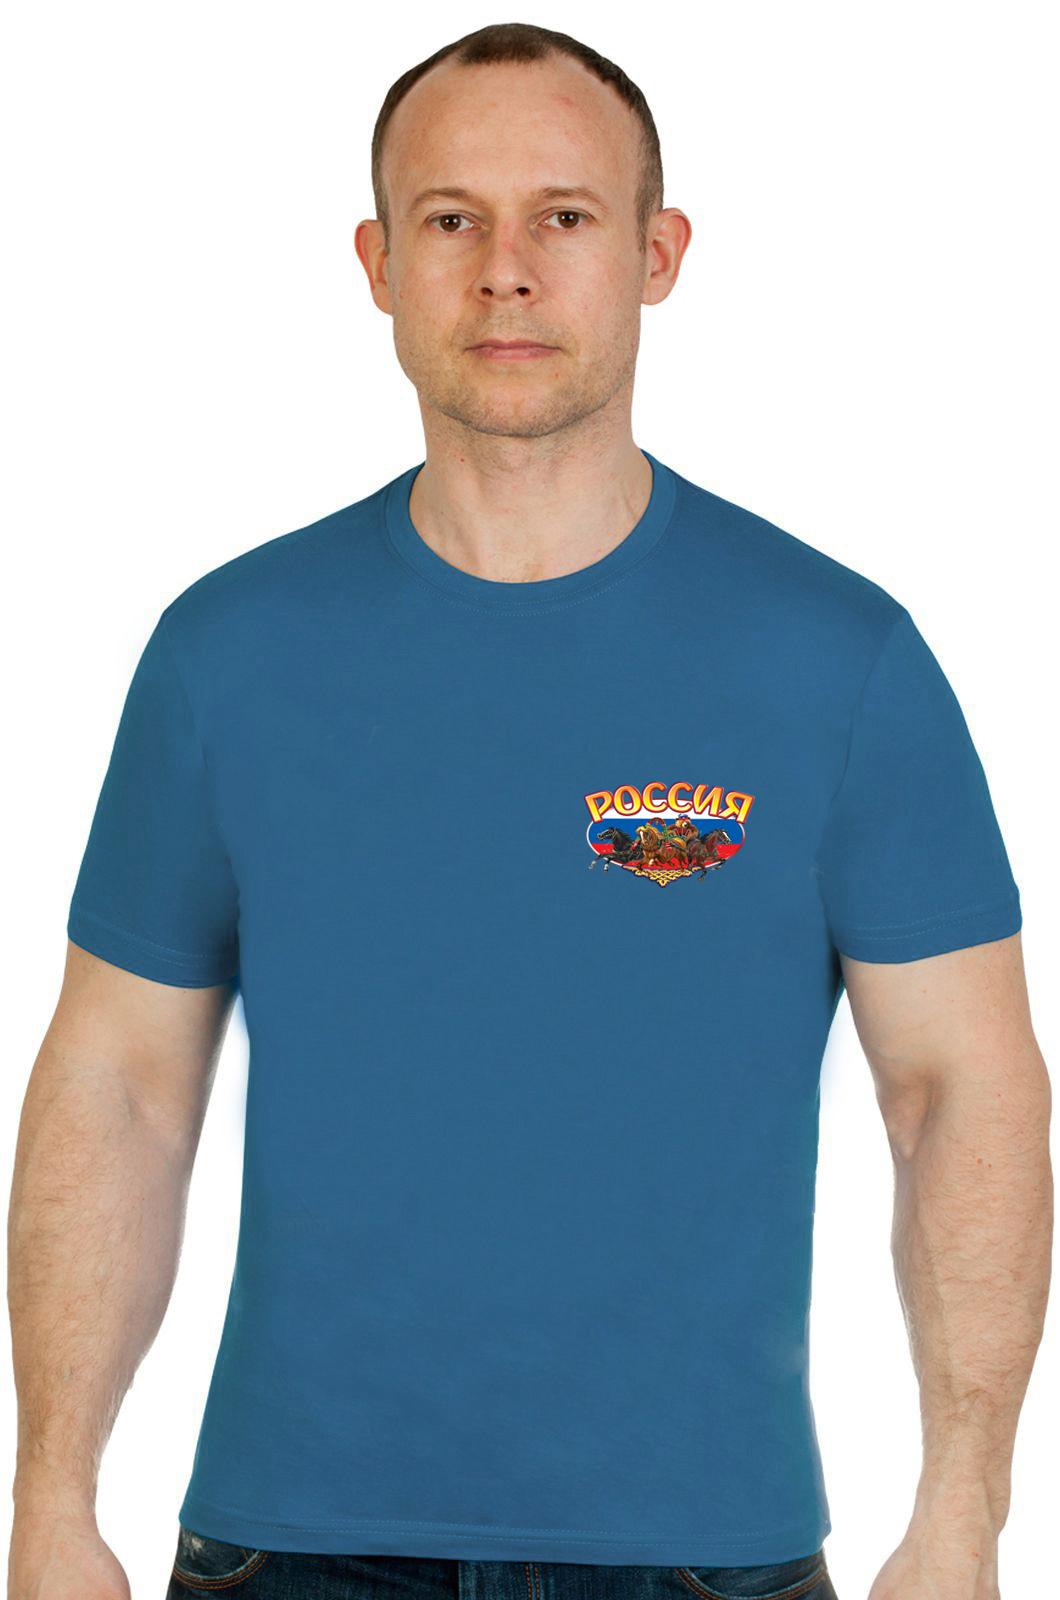 Заказать современную футболку с яркой символикой по низкой цене